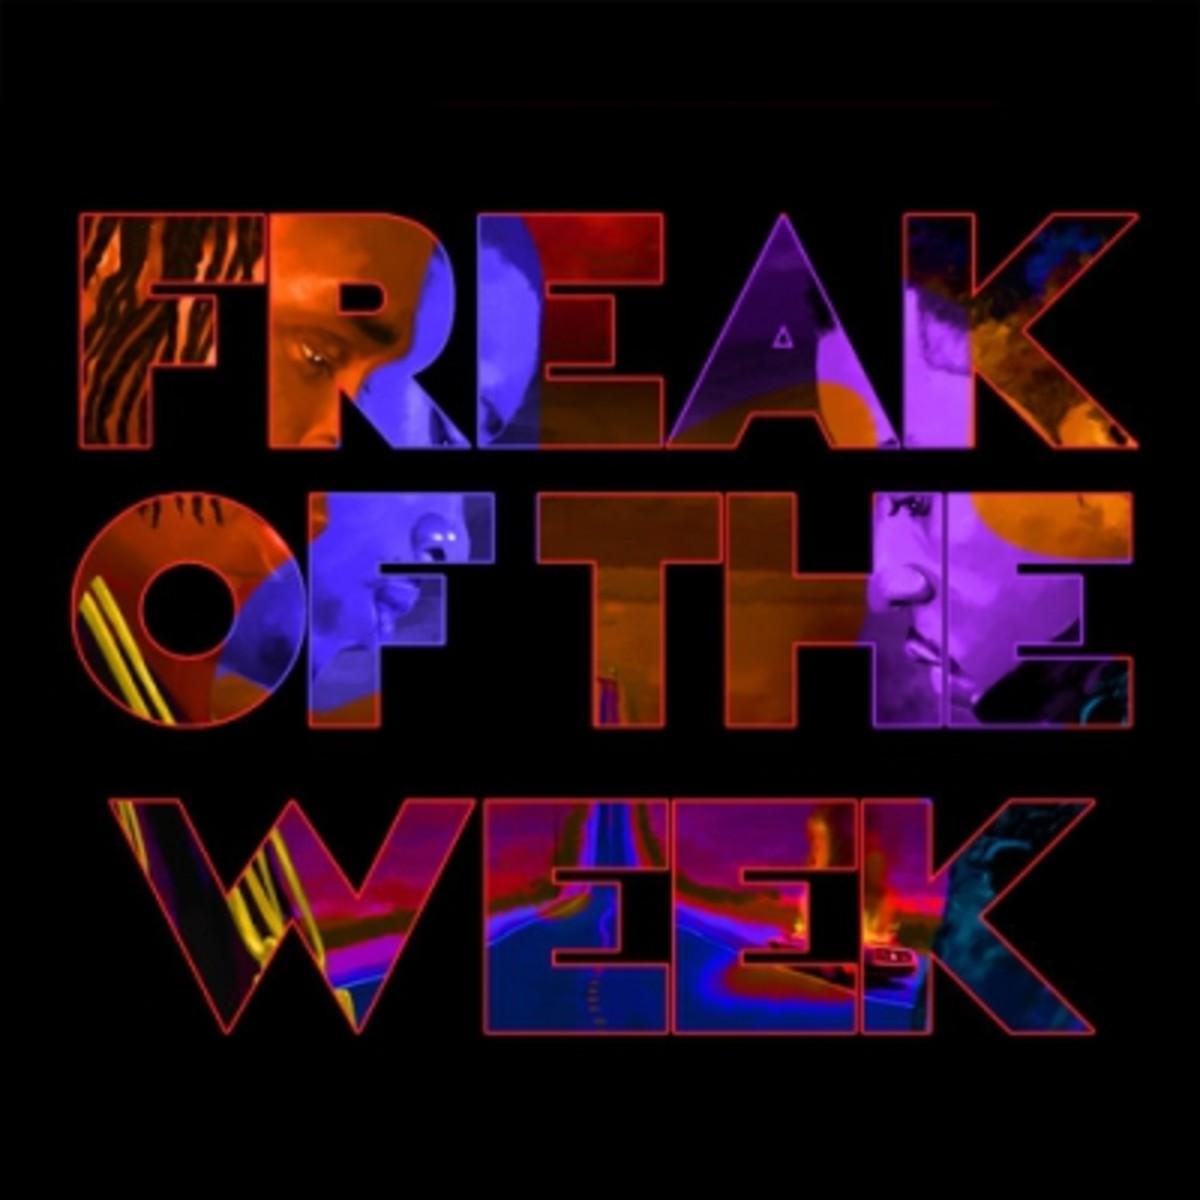 krept-konan-freak-of-the-week.jpg